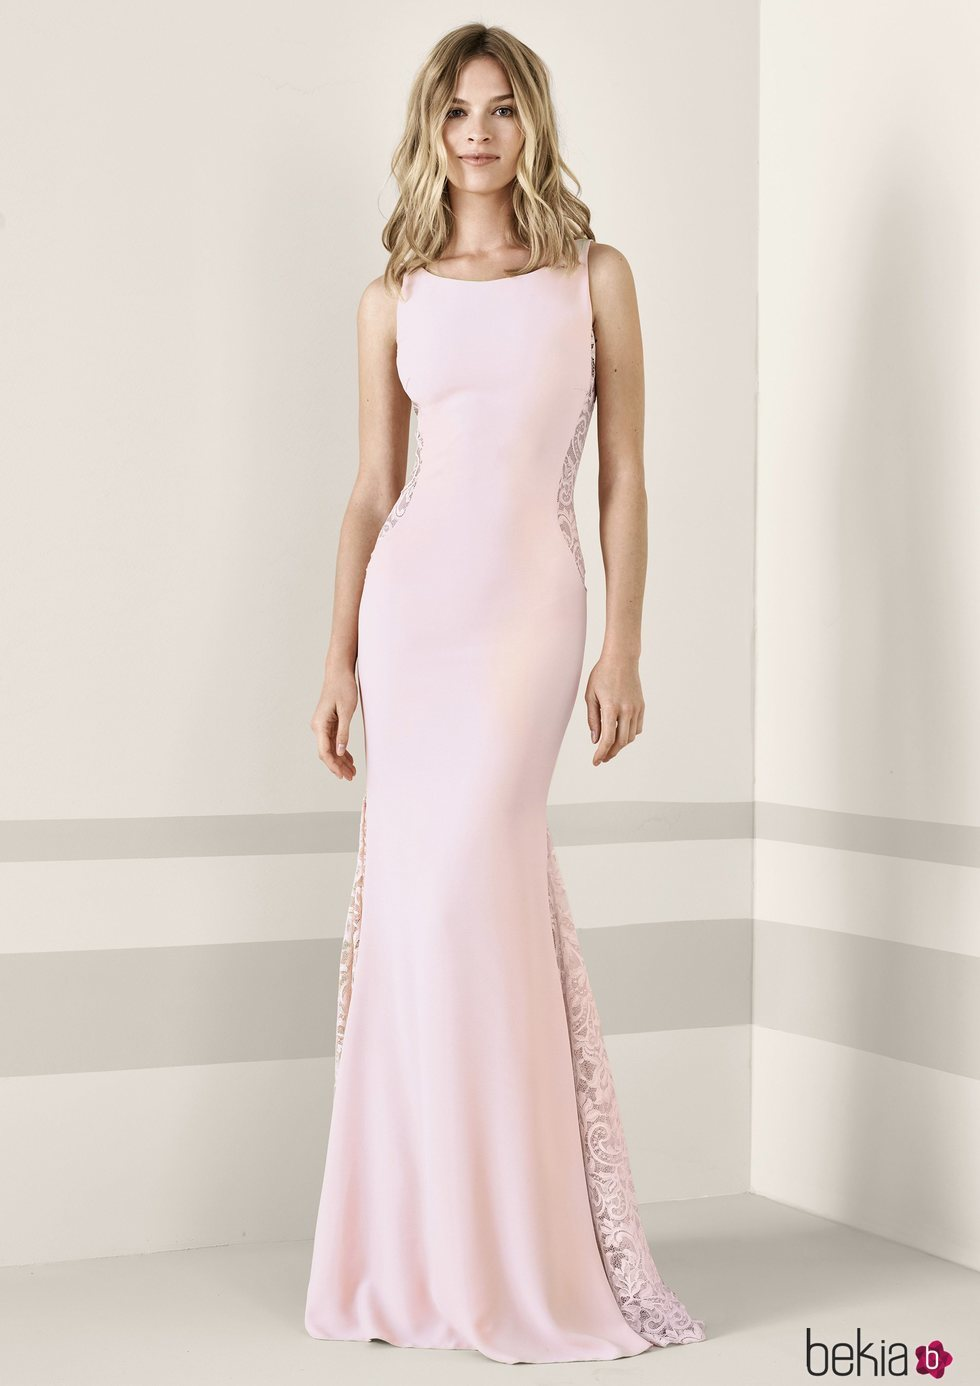 Vestido fiesta pronovias rosa